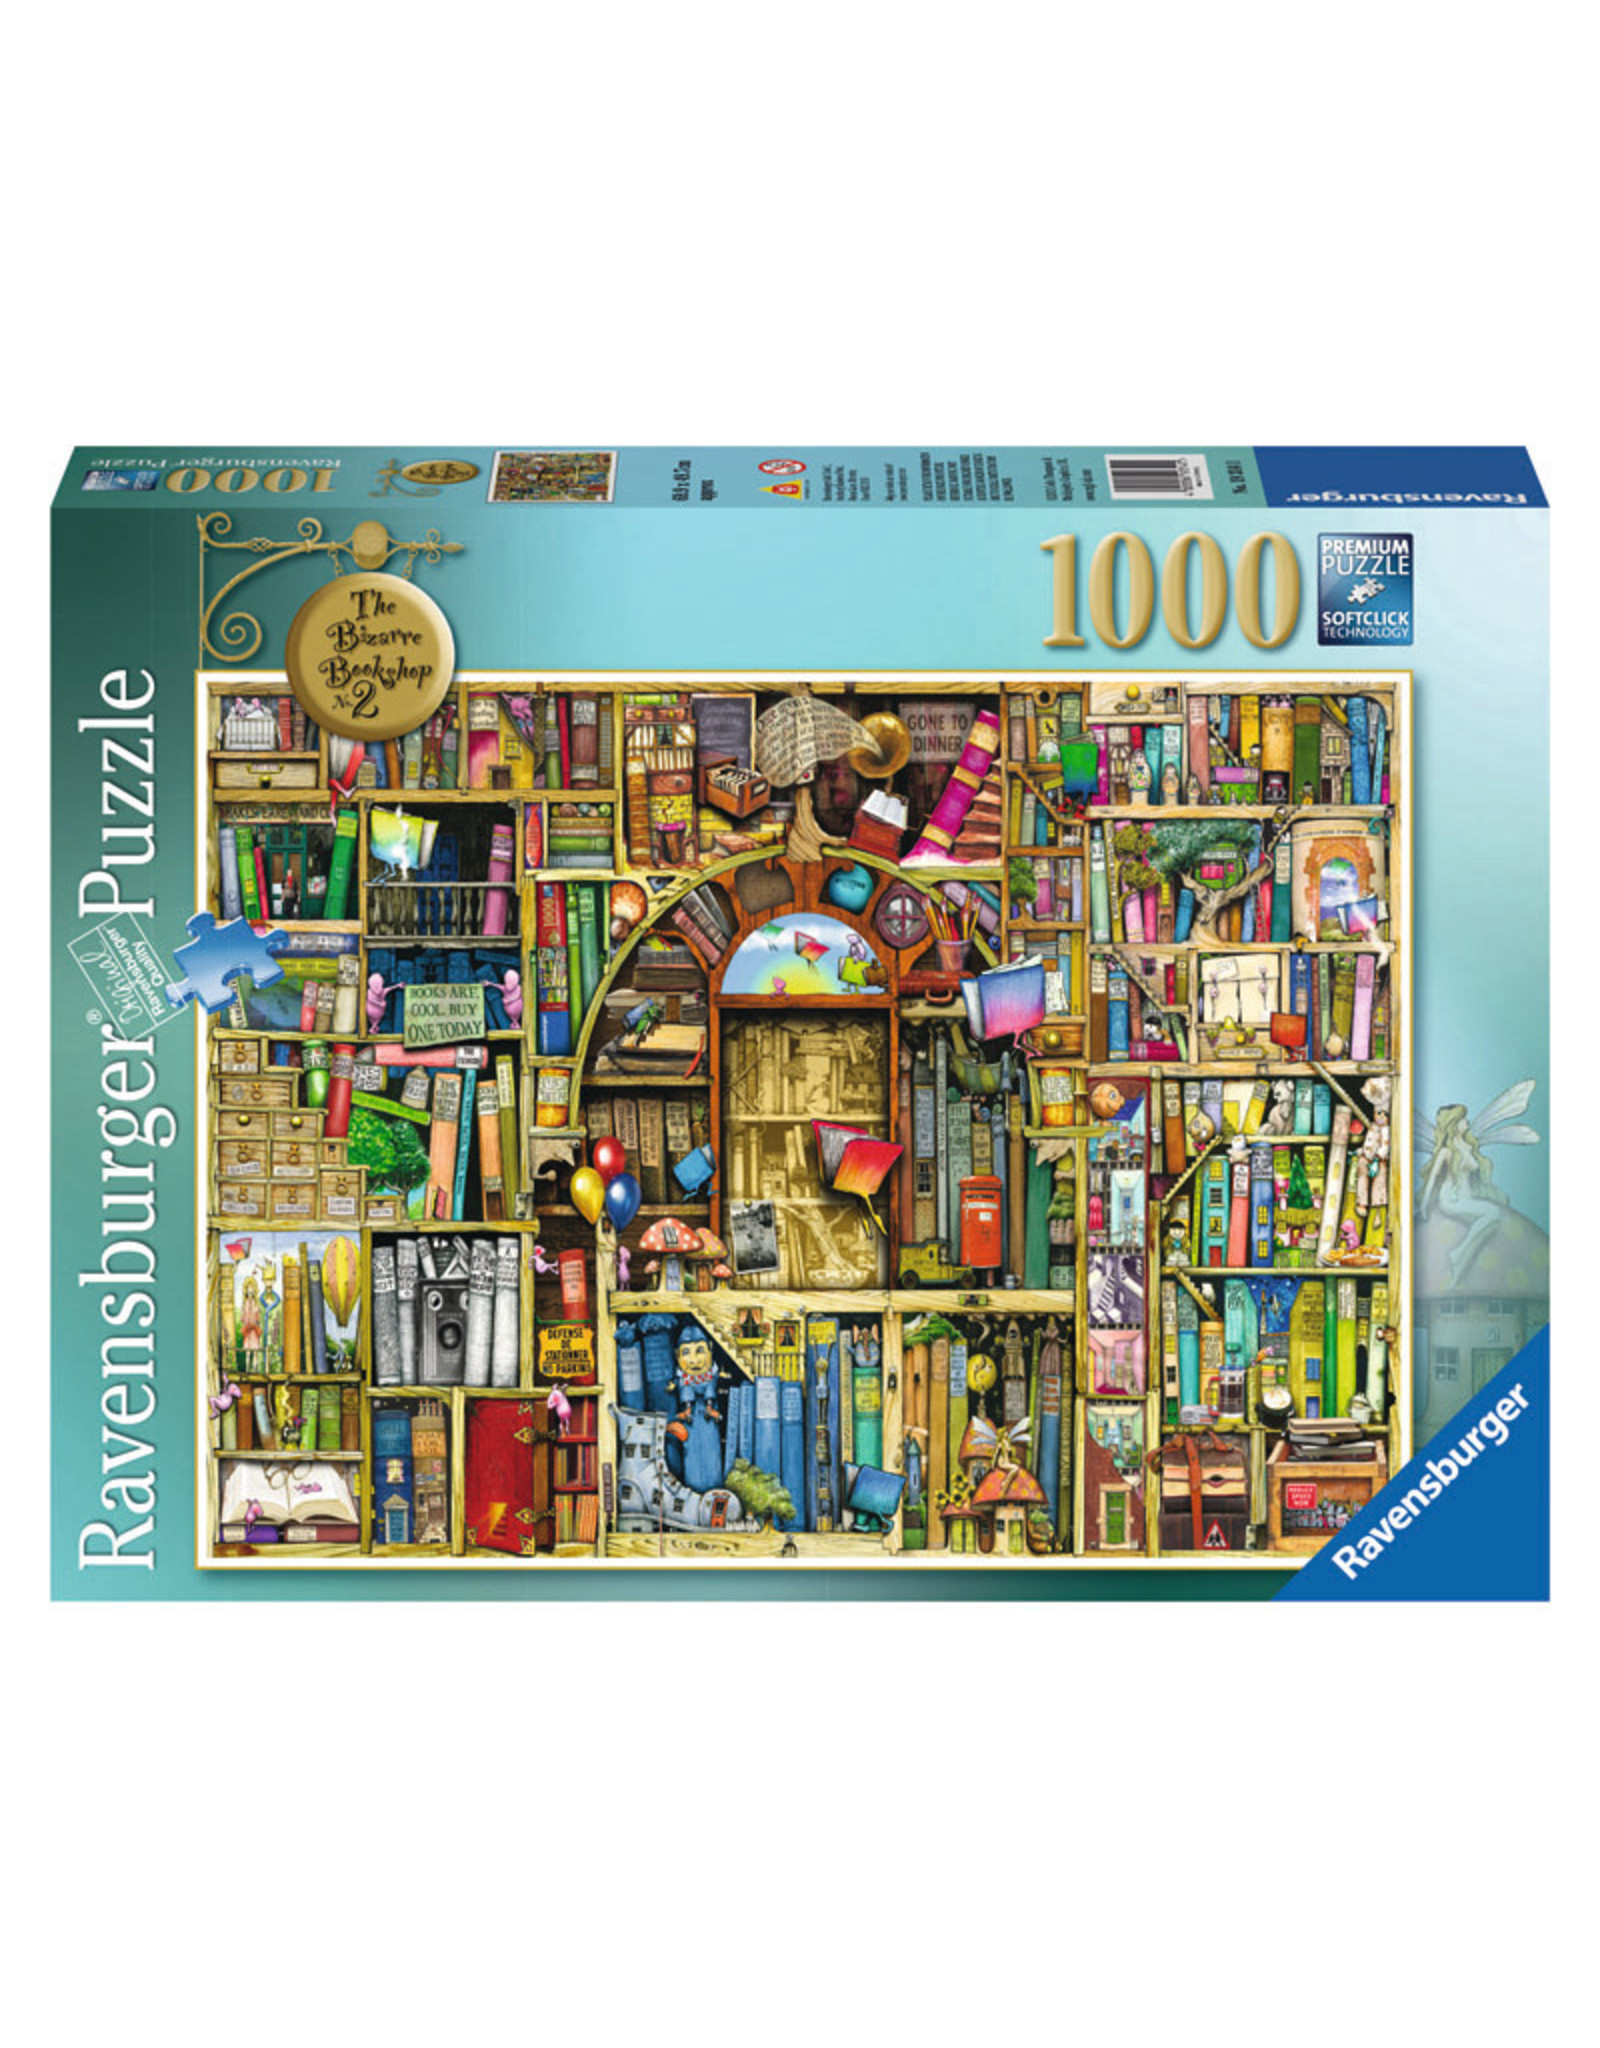 Ravensburger Bizarre Bookshop 2 1000pc